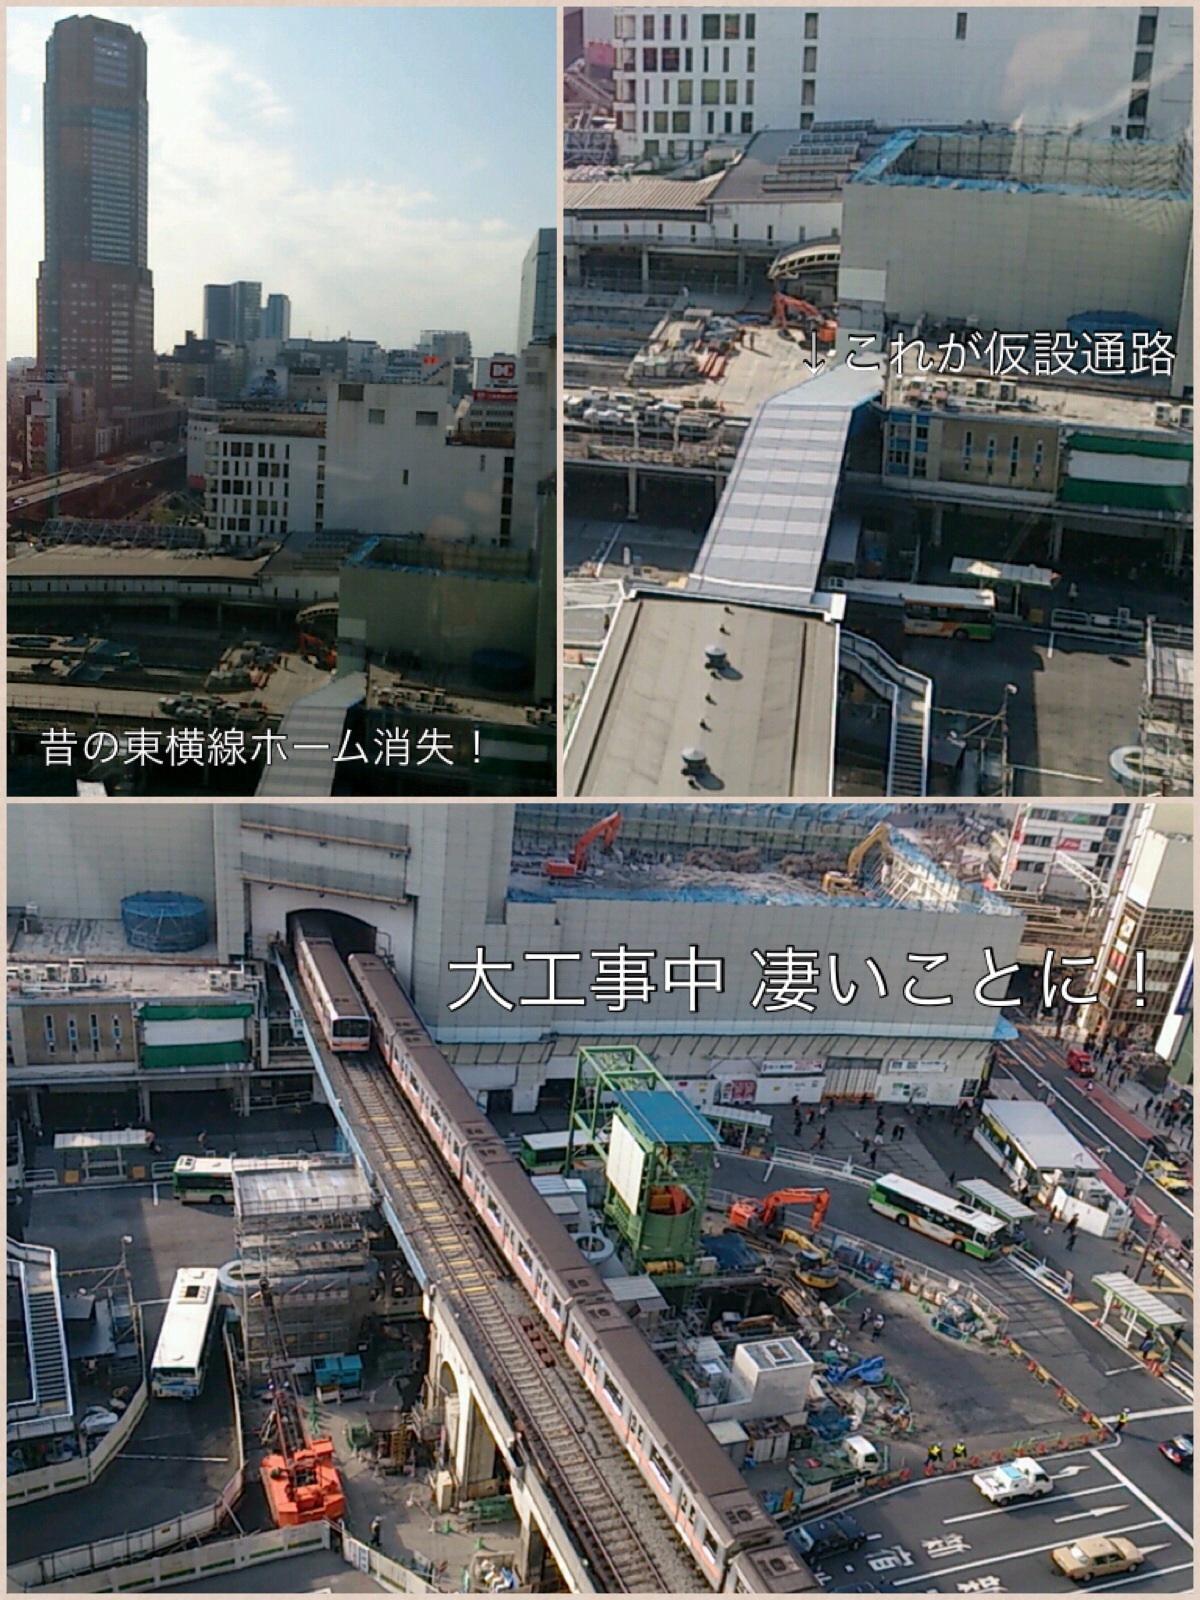 渋谷駅 開発中